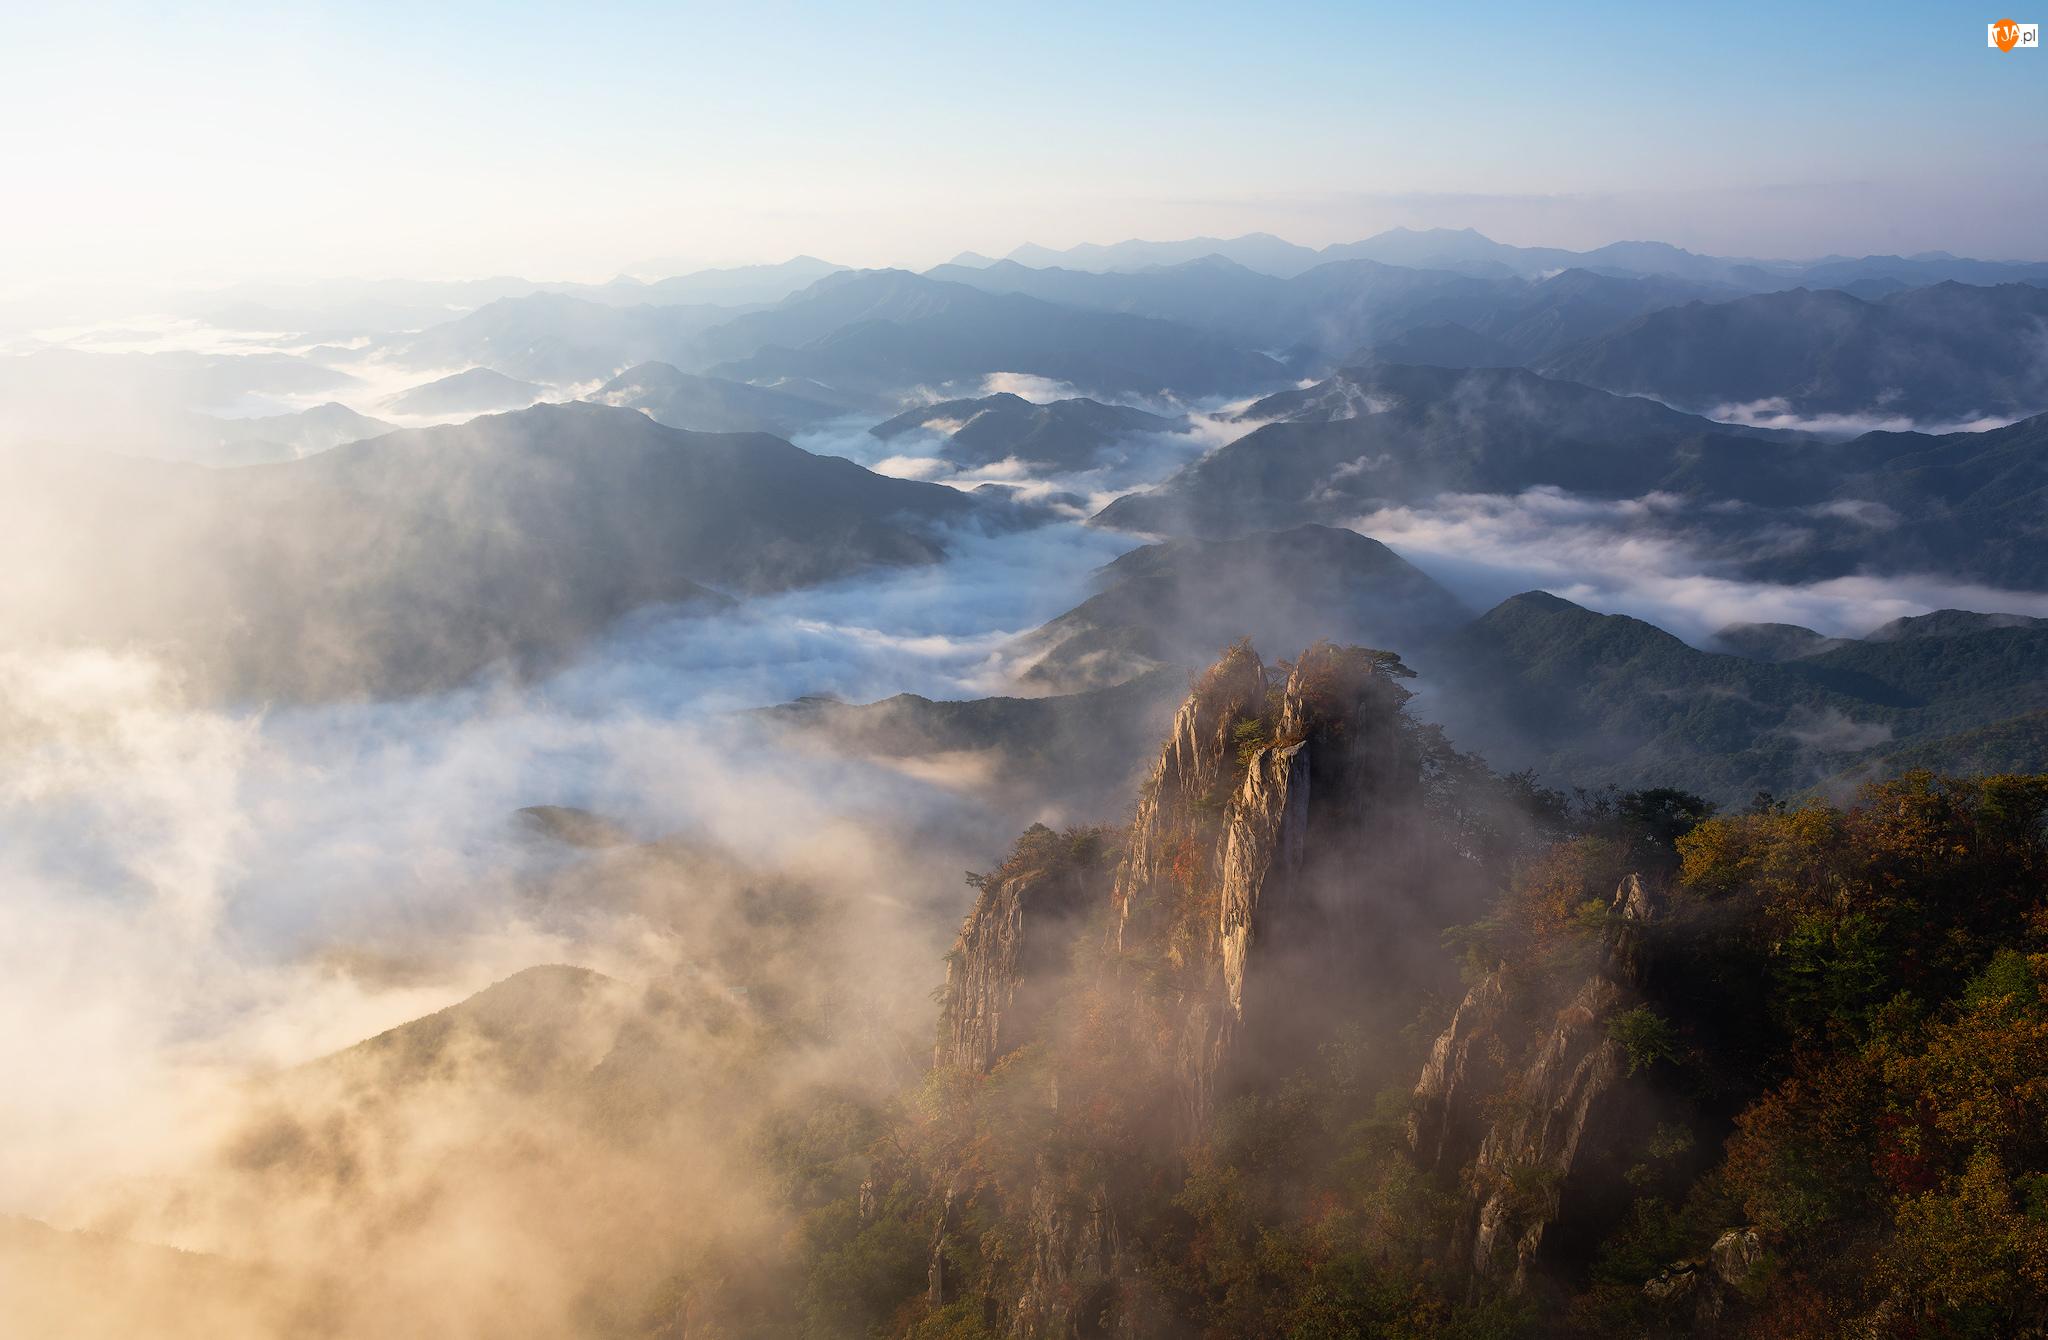 Skały, Wierzchołki, Park prowincjonalny Daedunsan, Prowincja Jeolla Północna, Góry, Drzewa, Korea Południowa, Mgła